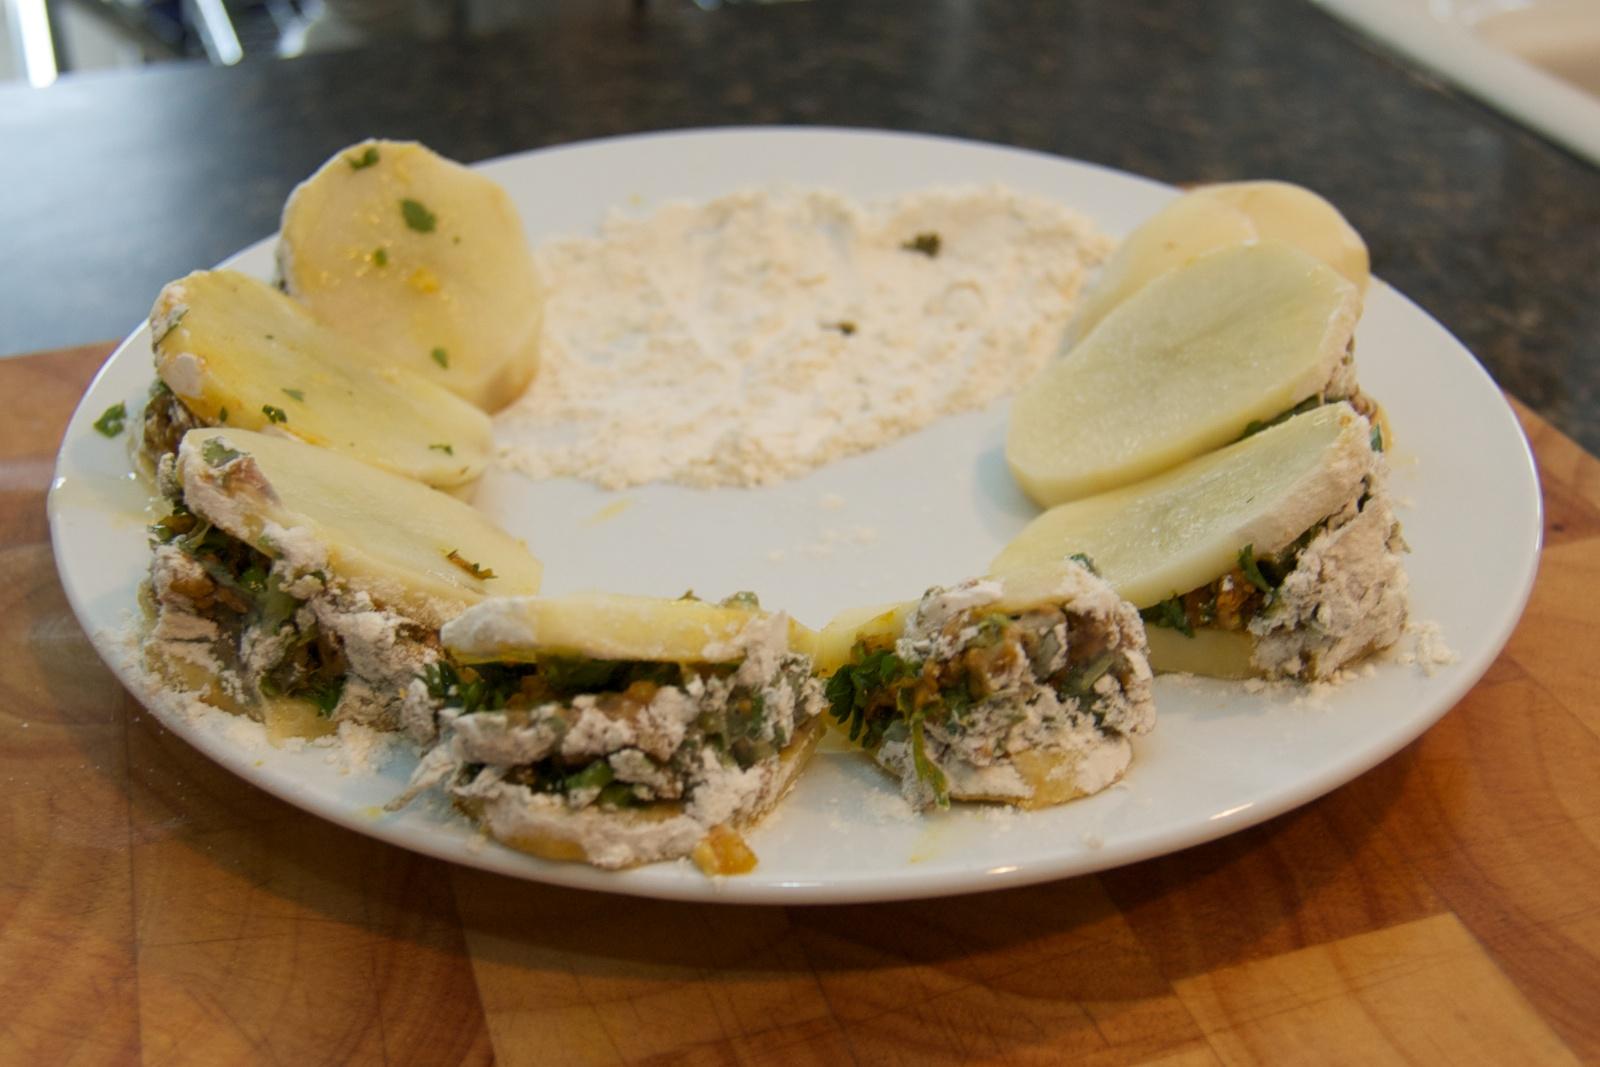 http://blog.rickk.com/food/2011/04/05/mbatten5.jpg